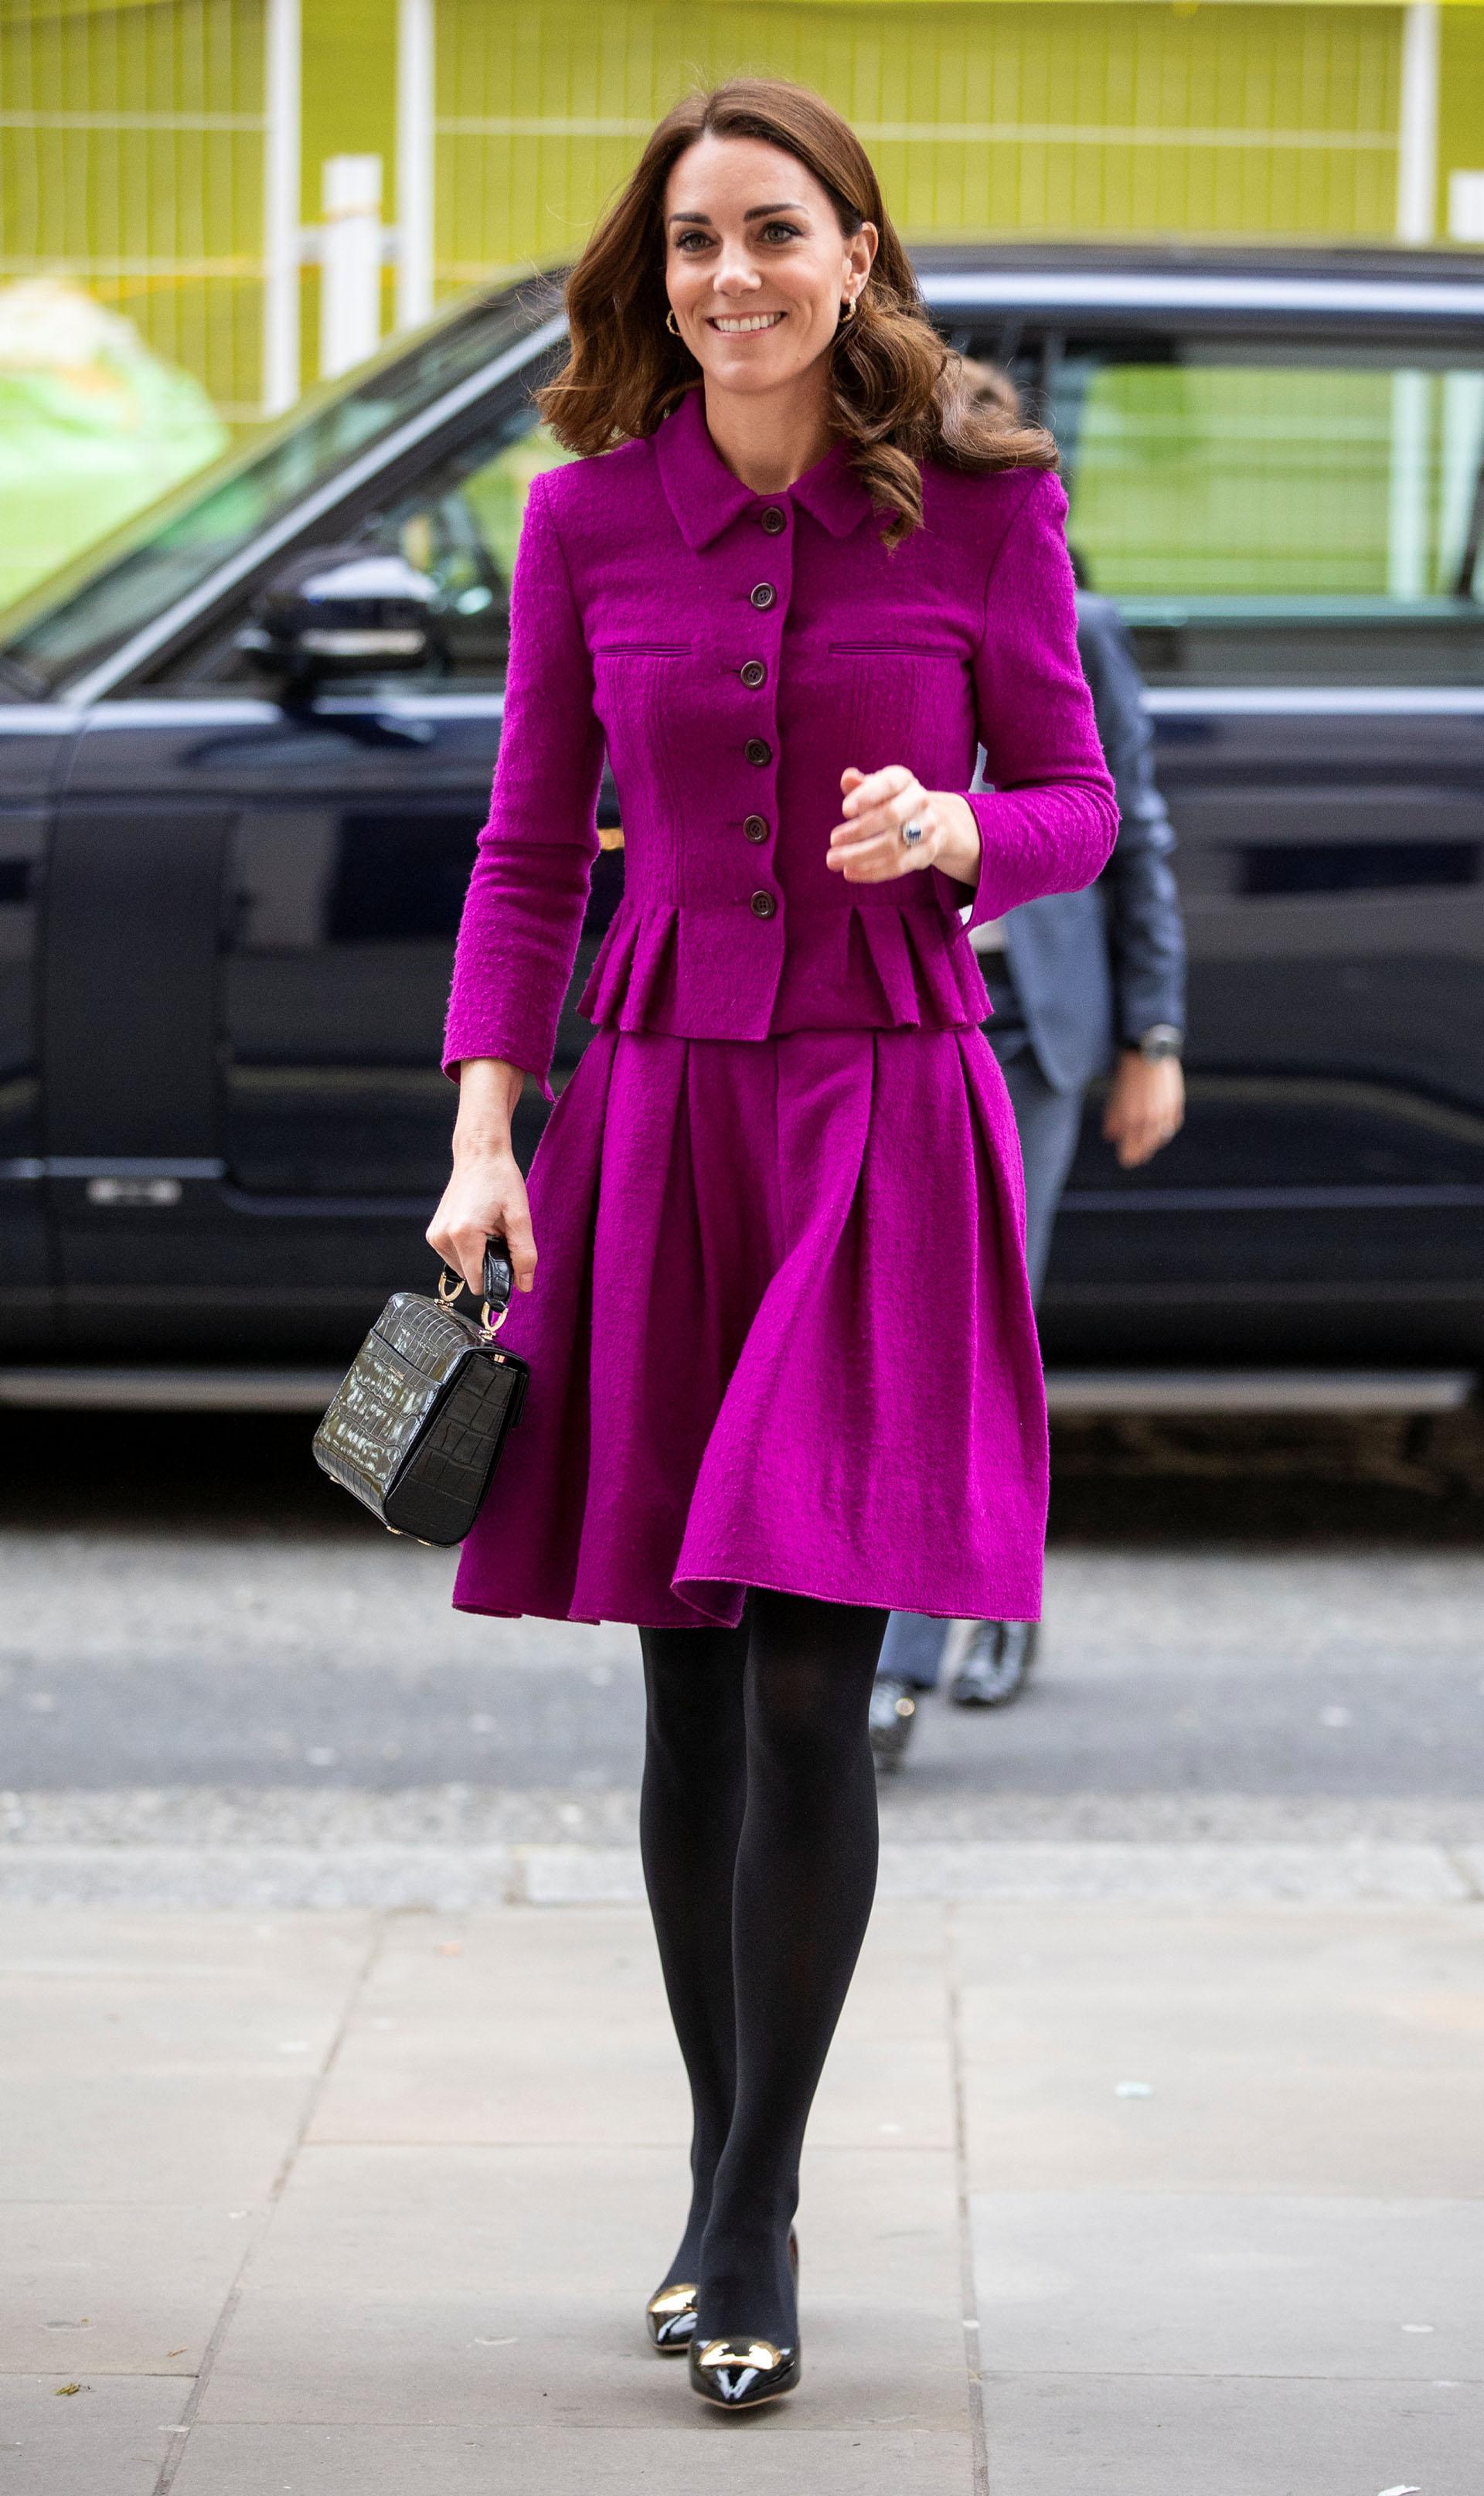 Catalina siempre marca tendencia con sus estilismos, aunque en esta ocasión, su look parecía inspirado en el gusto de la reina Isabel